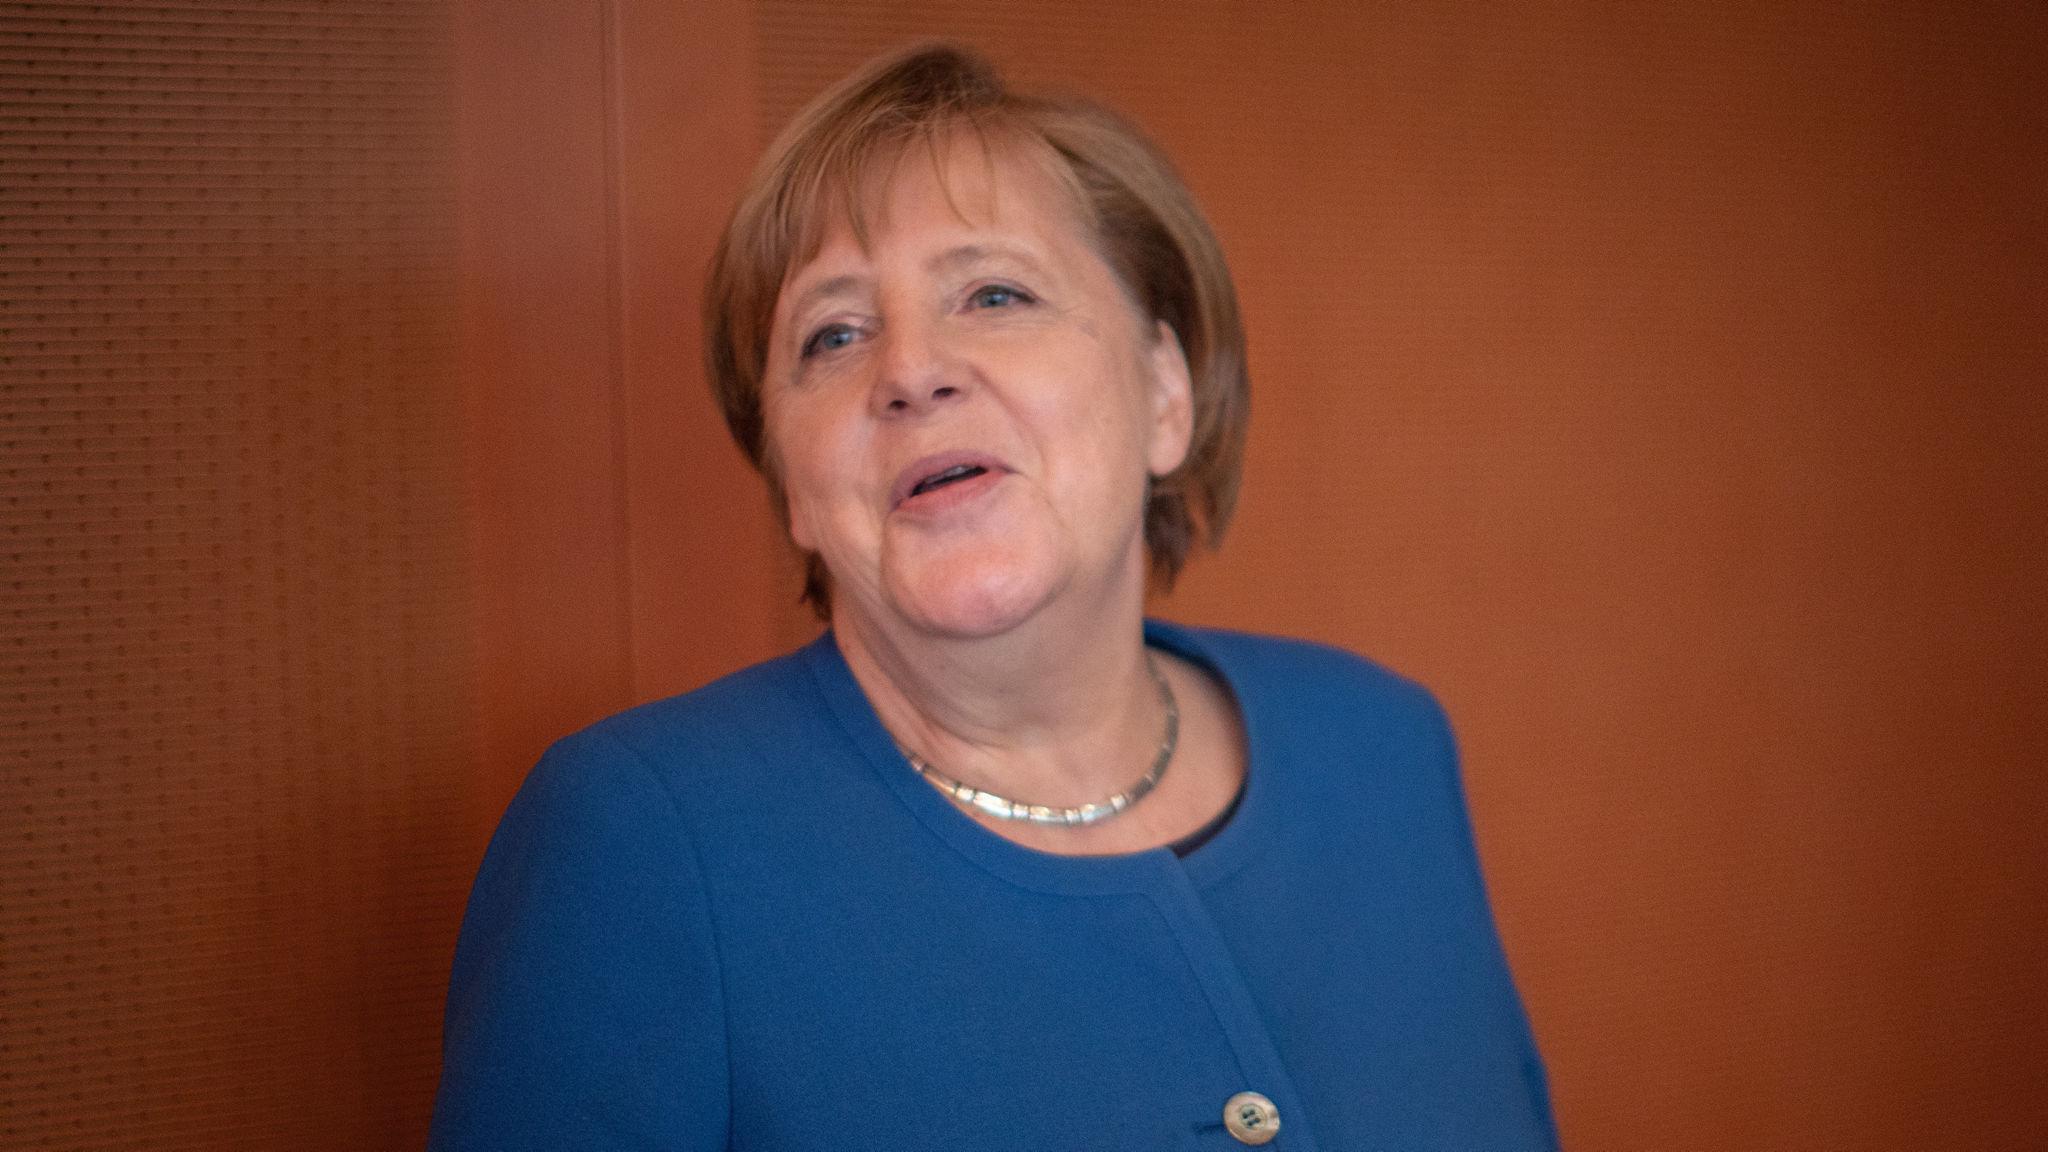 Angela Merkel warns EU: 'Brexit is a wake-up call'